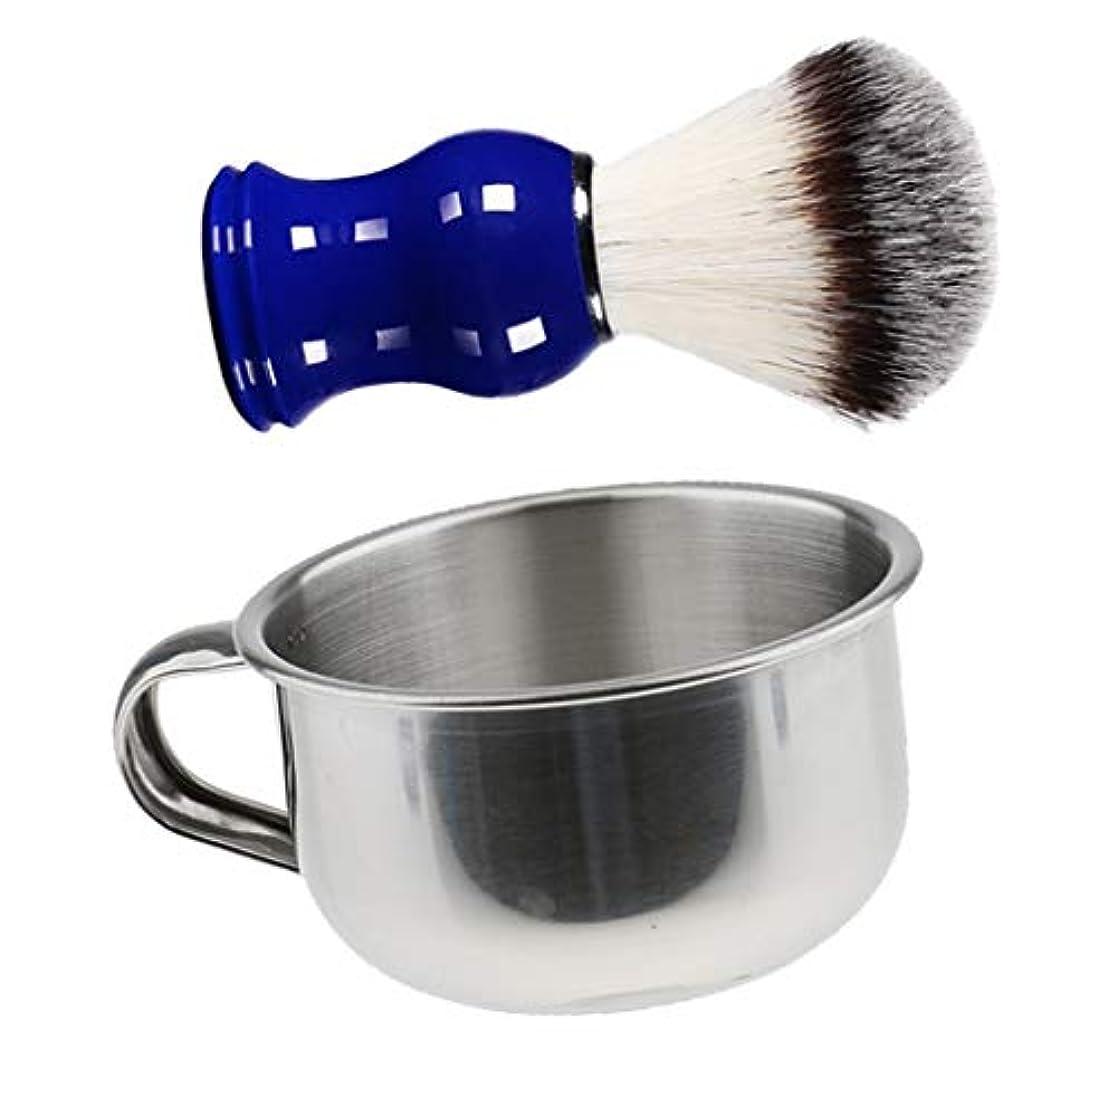 免除する空港シーケンスメンズ シェービング マグ ボウル カップ ステンレス製 シェービング用ブラシ 理容 洗顔 髭剃り